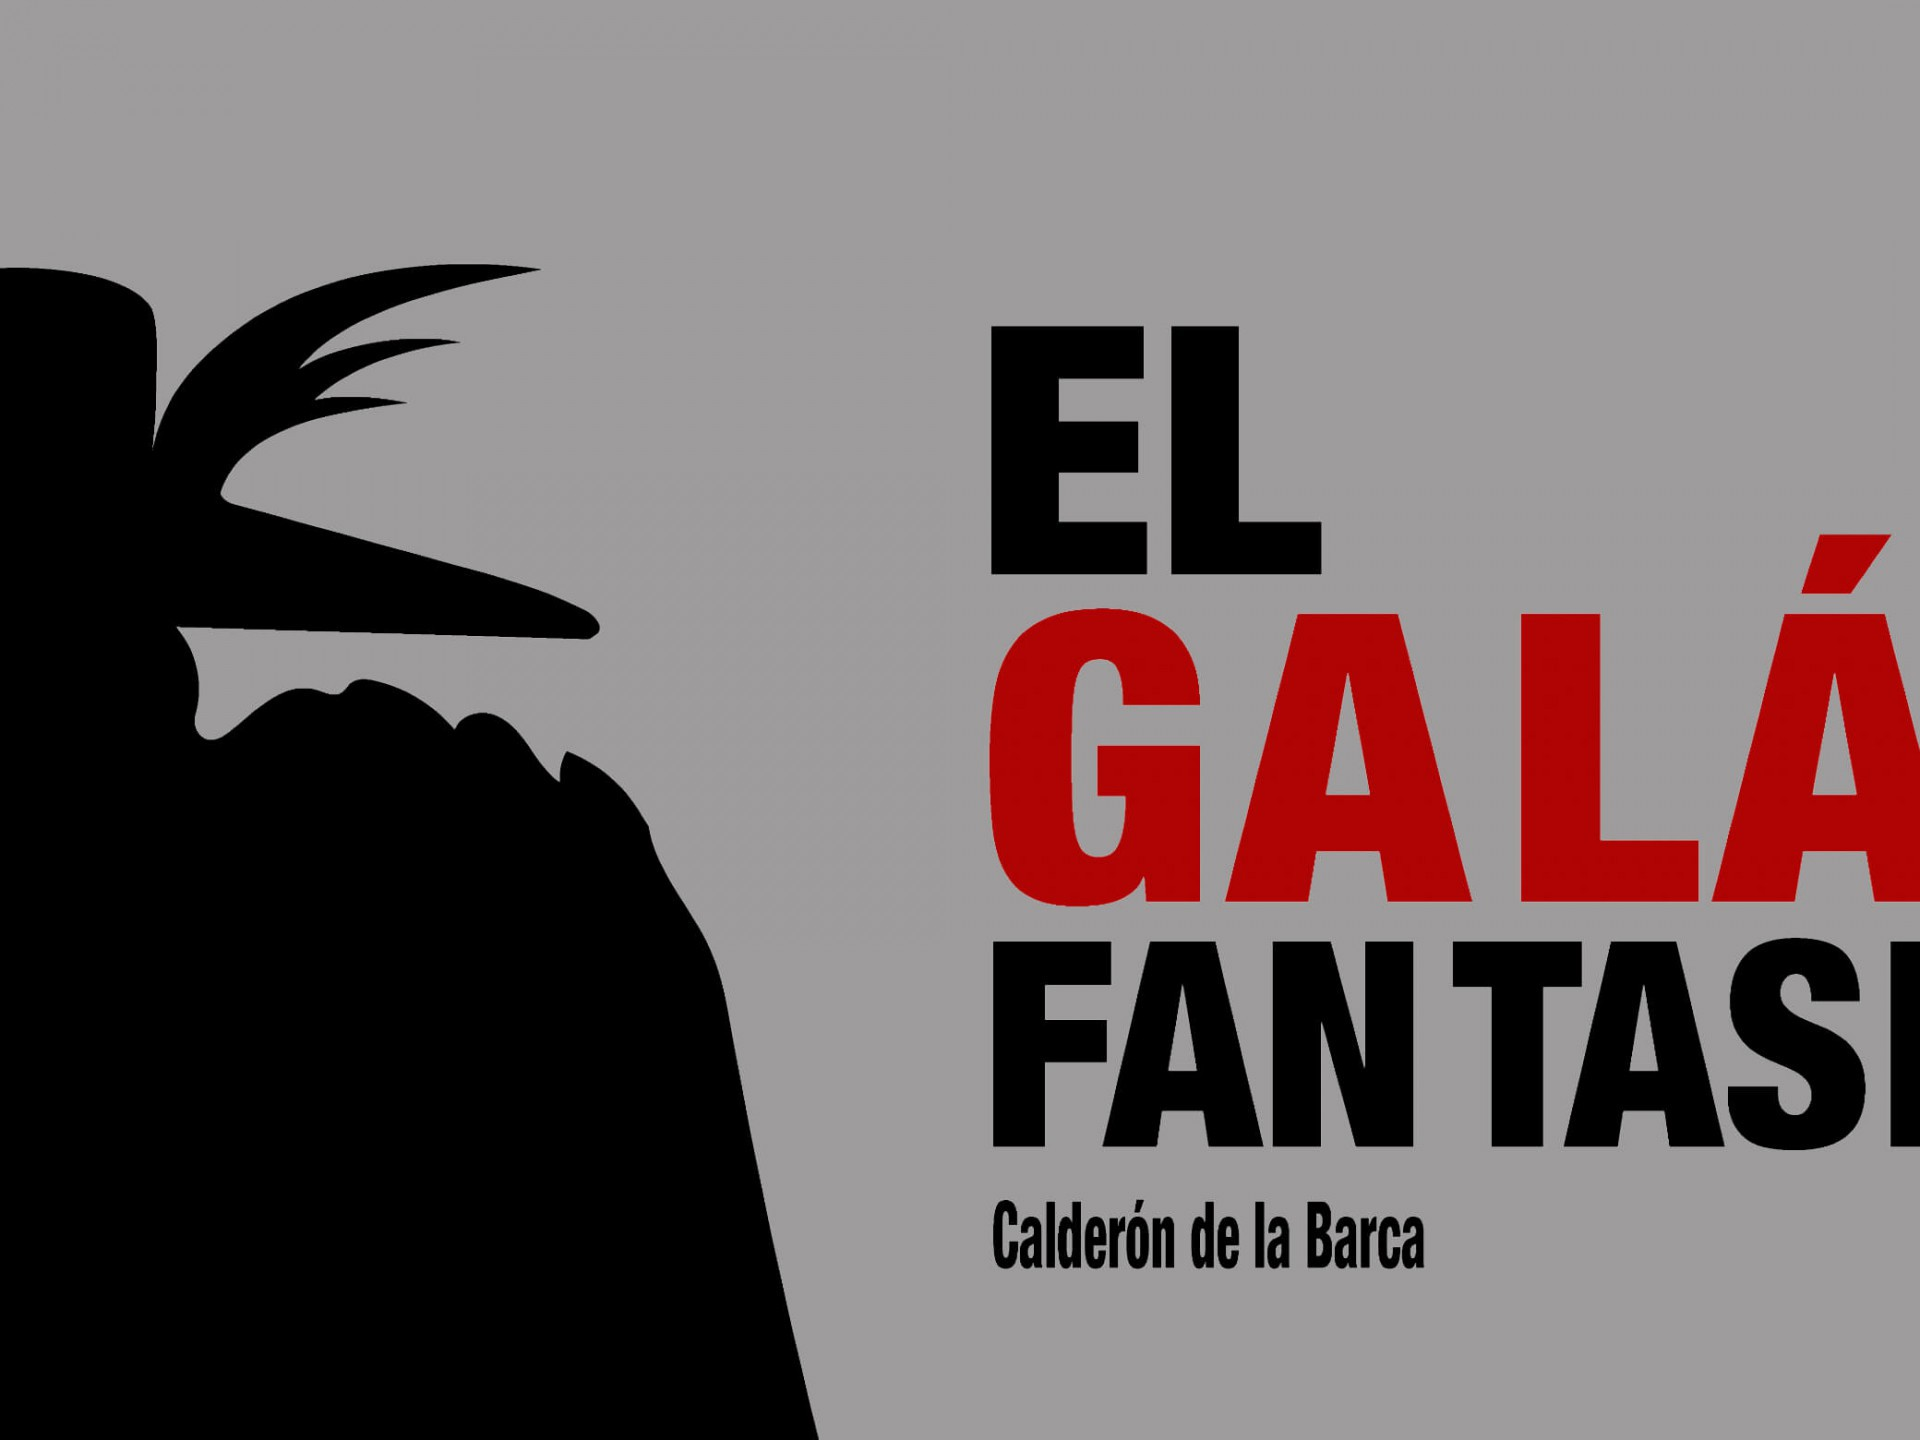 El galán fantasma – Calderón de la Barca     Thumbs